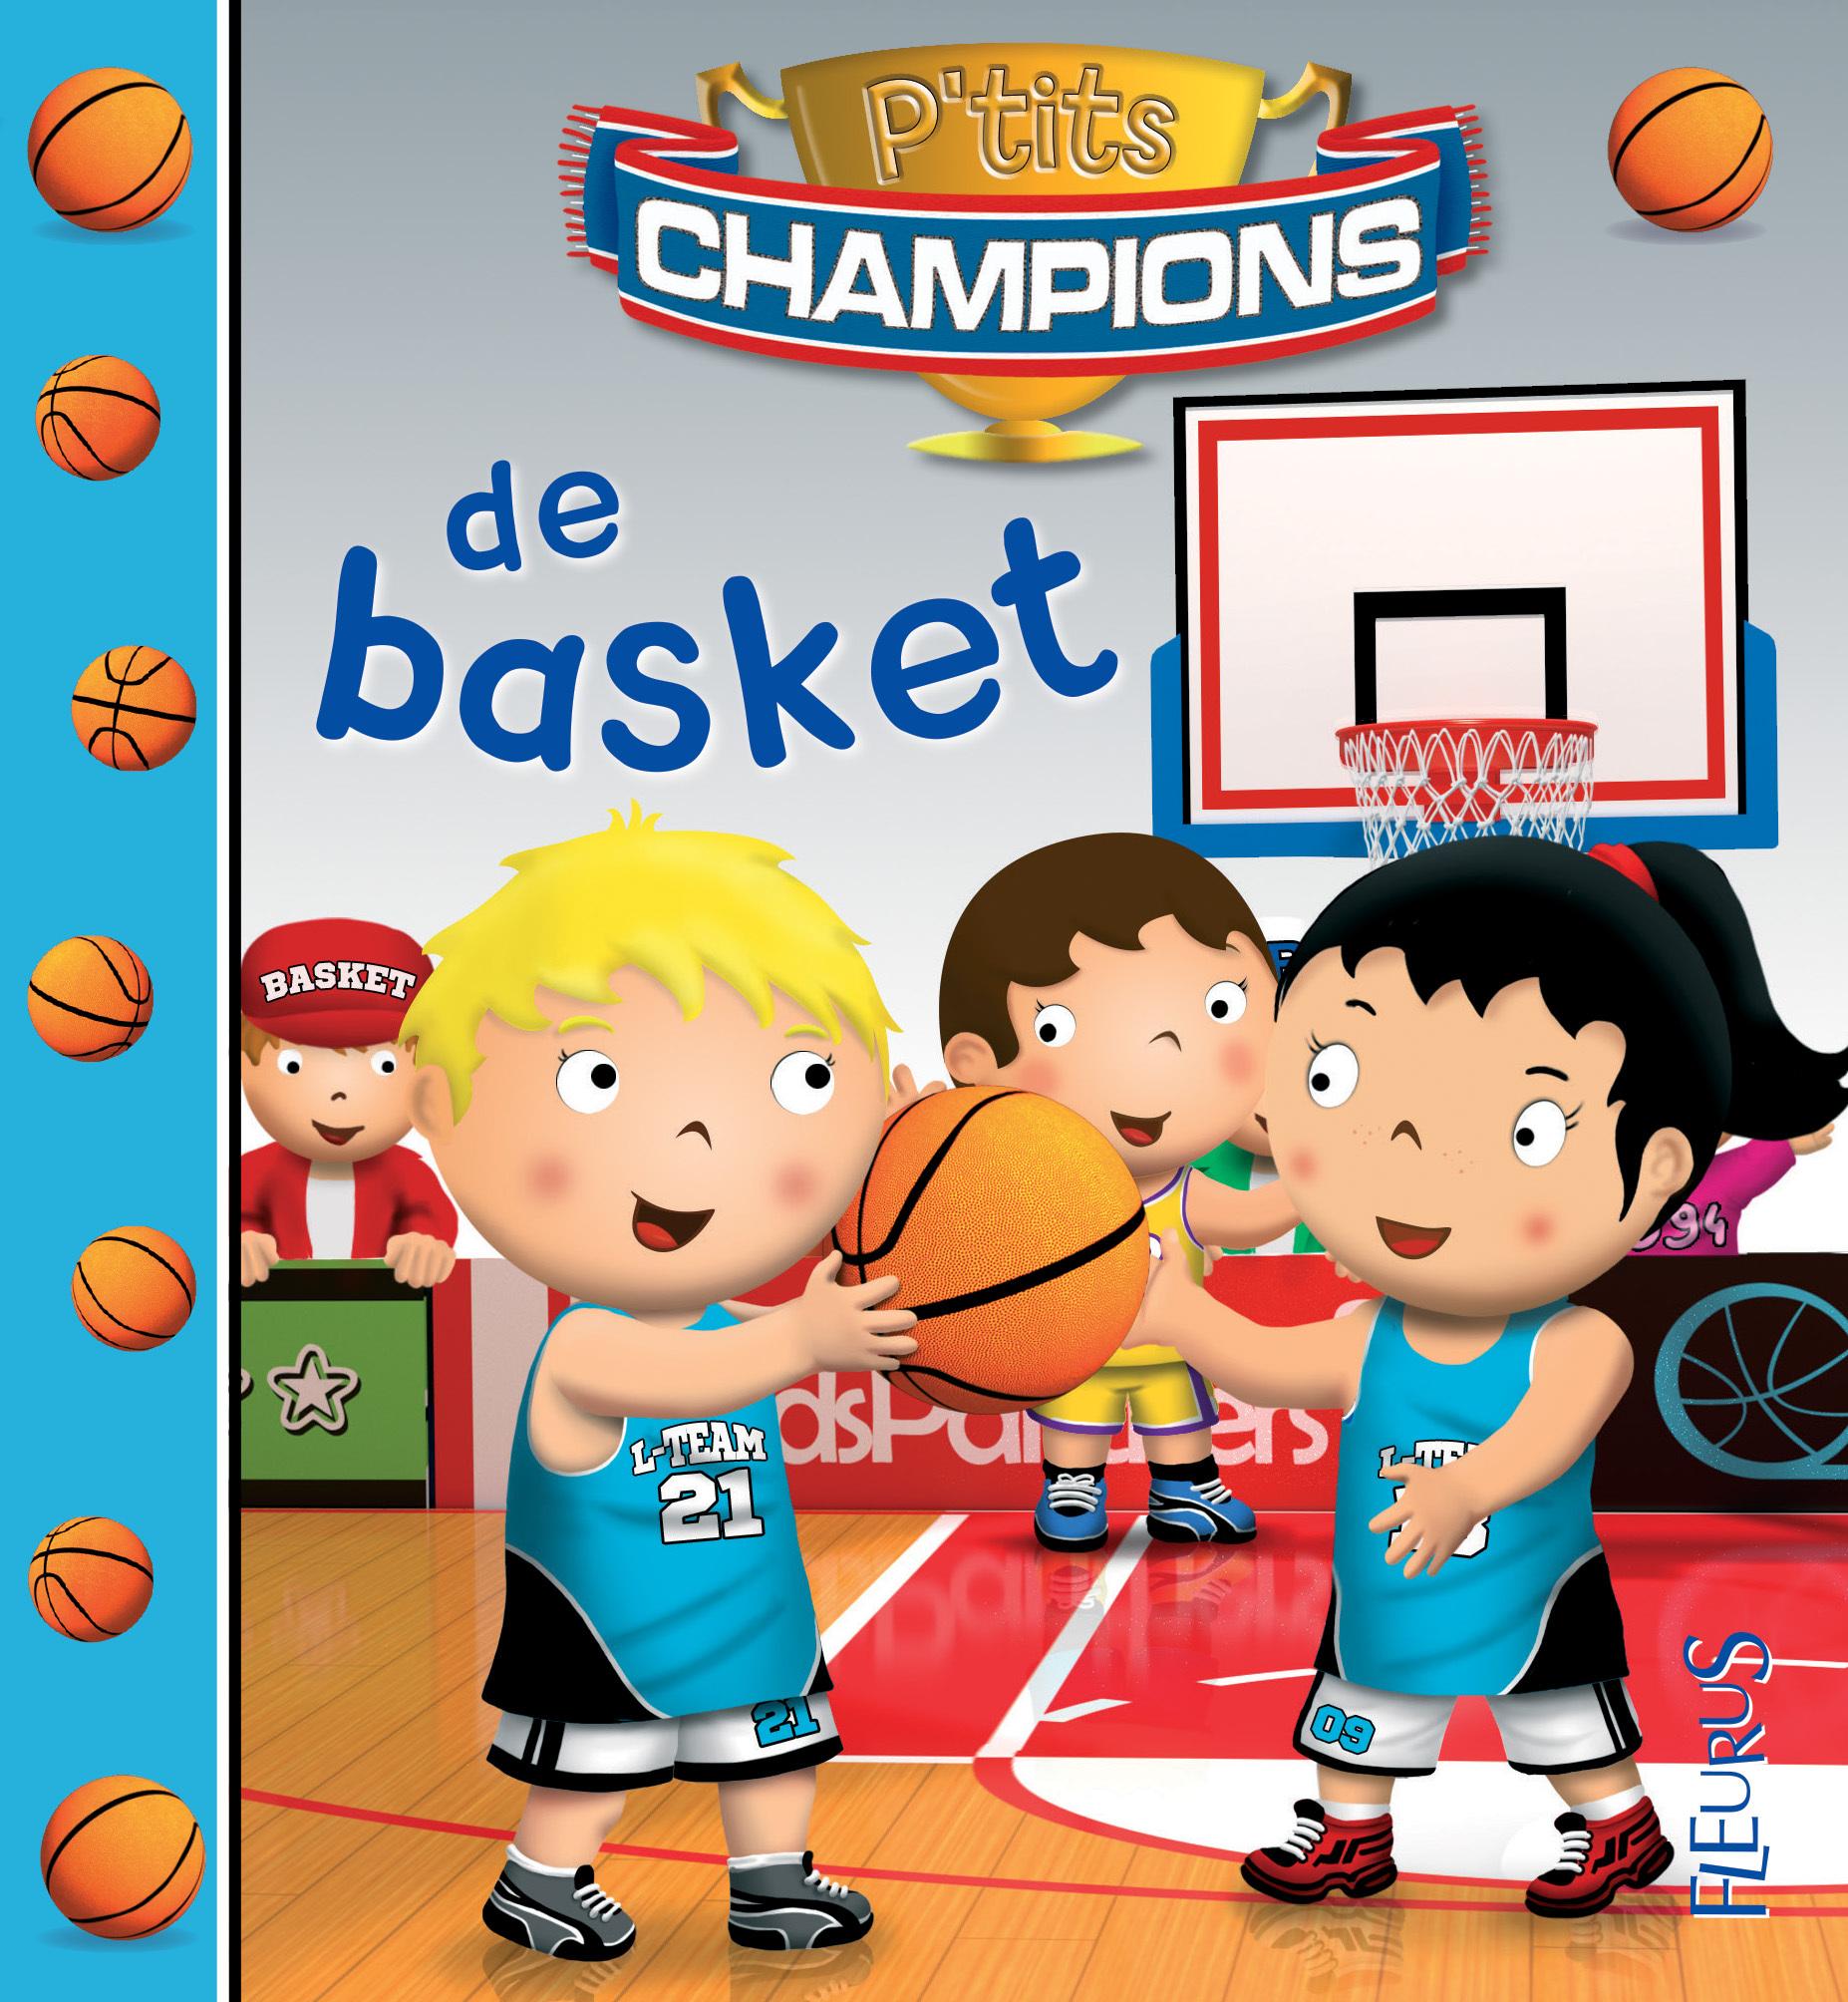 P'TITS CHAMPIONS DE BASKET